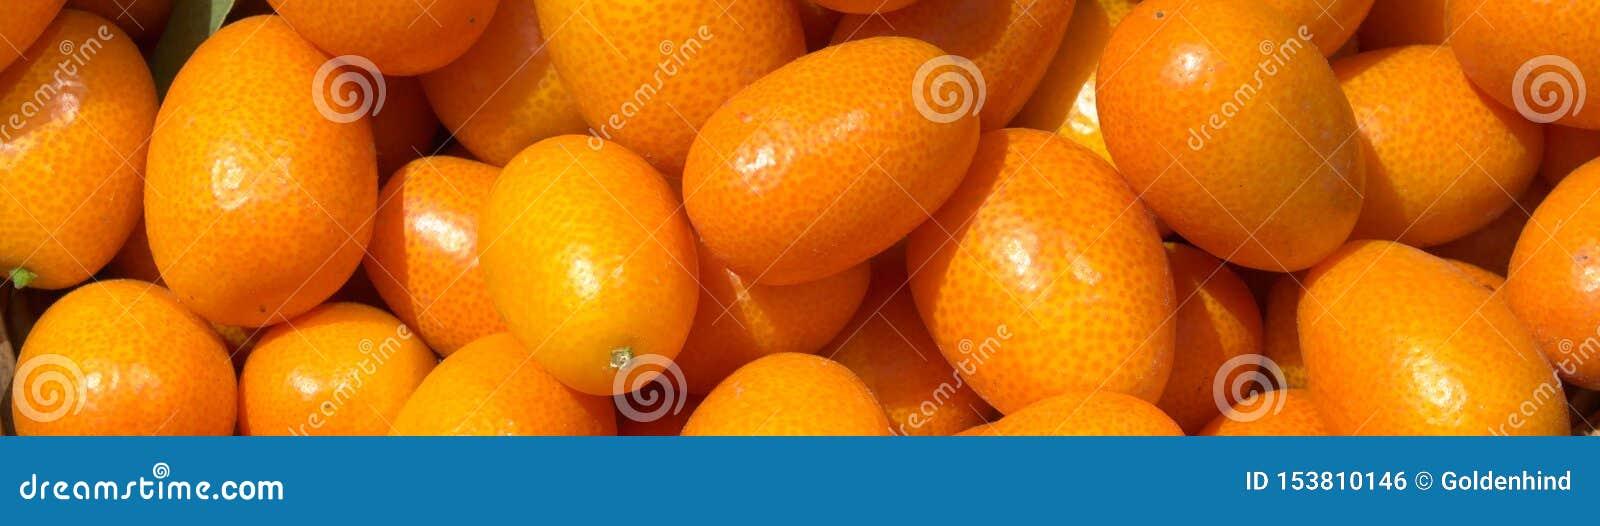 Nya saftiga kumquats i en korg i marknaden Orange bakgrund av nya apelsiner closeup